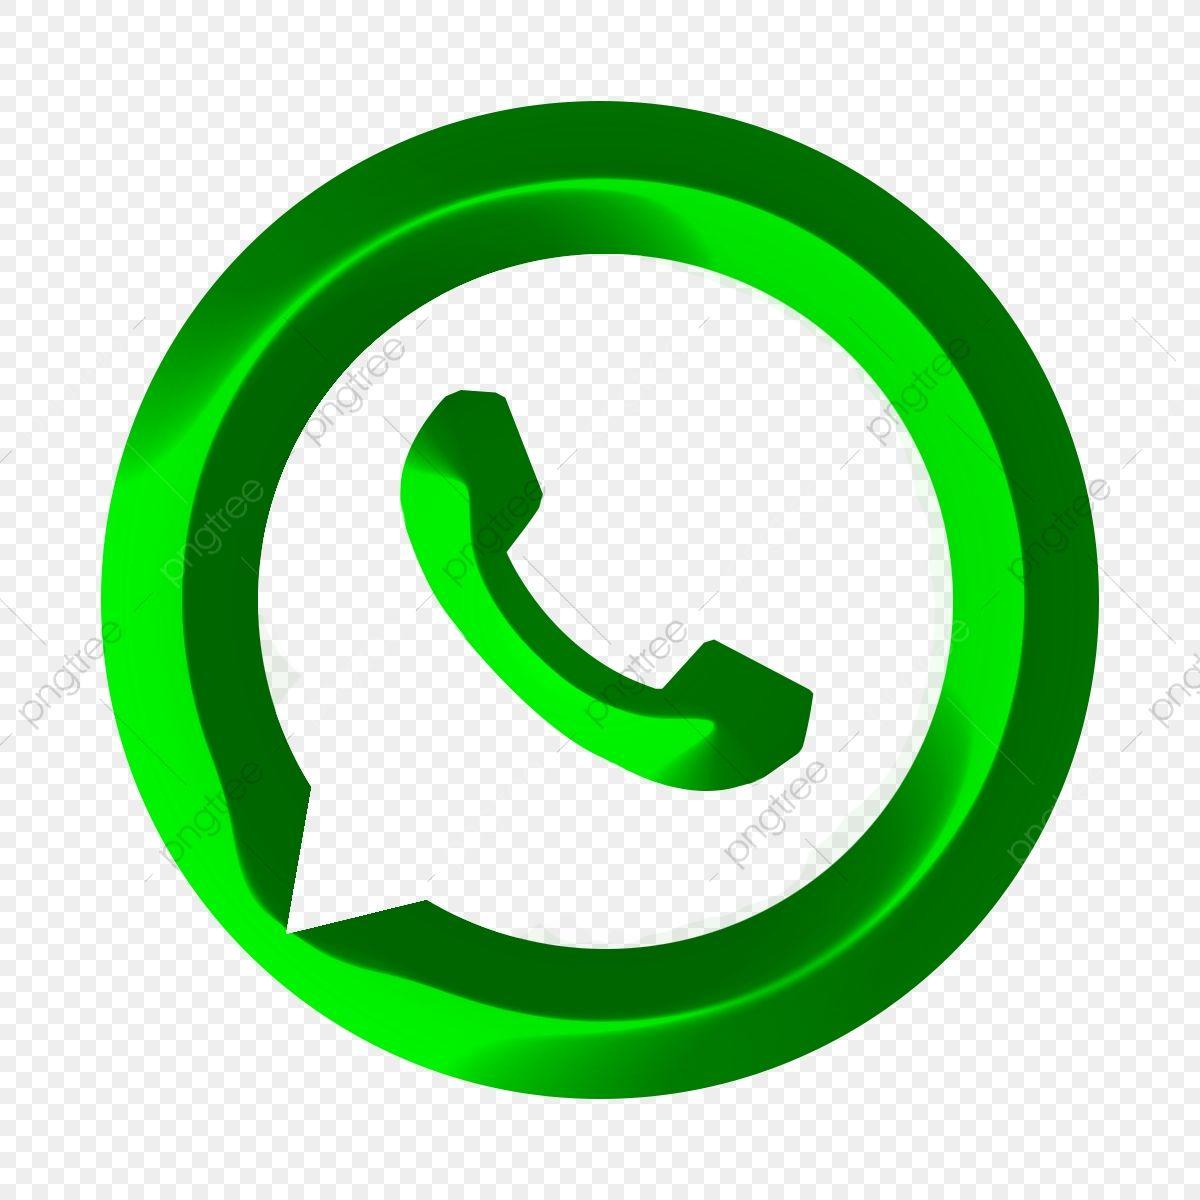 Icono De Whatsapp Logo Clipart De Logo Icono De Whatsapp Logotipo De Whatsapp Png Y Psd Para Descargar Gratis Pngtree Clipart Fondos De Pantalla Android Descargas Gratis